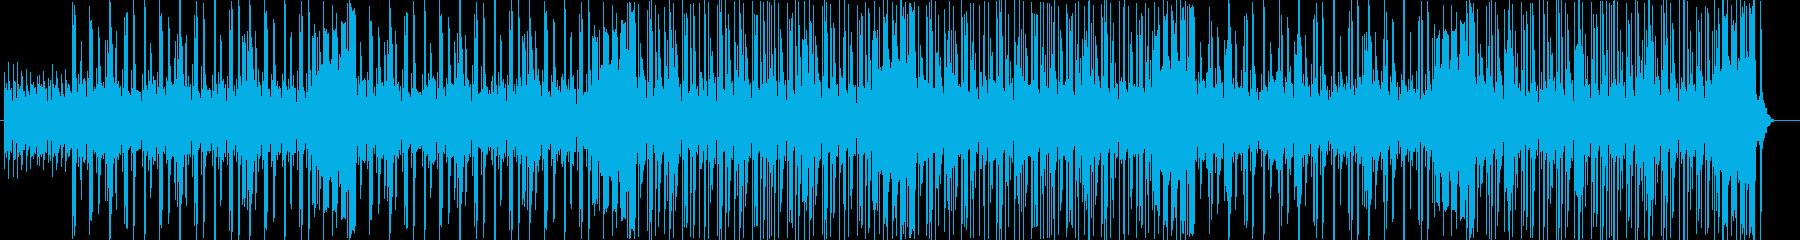 チャーミングな旋律のエレポップの再生済みの波形